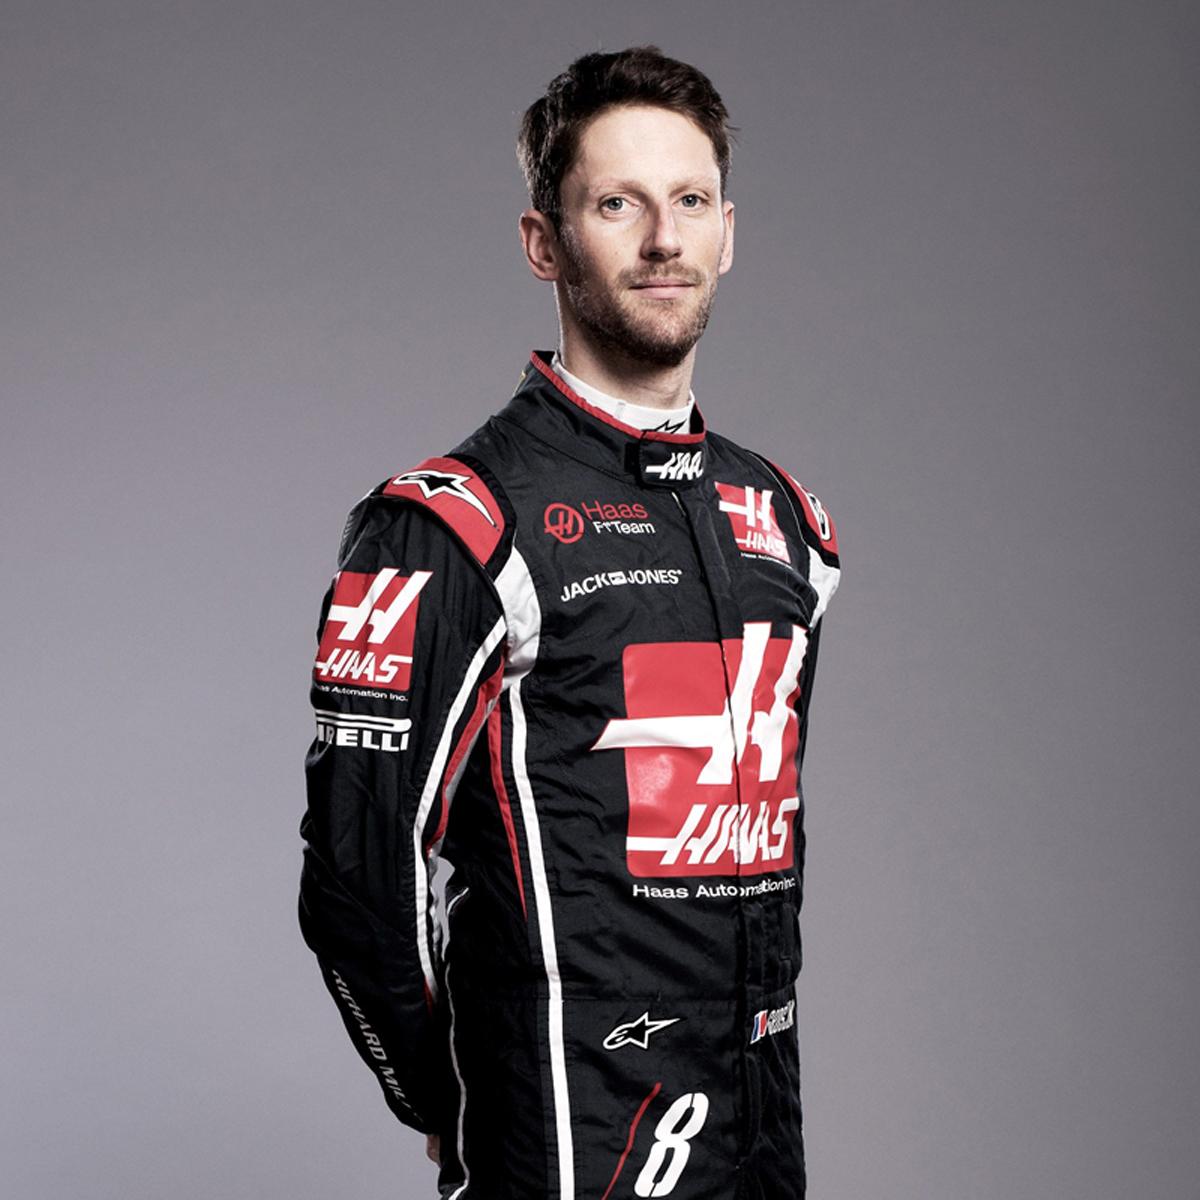 ロマン・グロージャン(ハース):2018年 F1レーシングスーツ